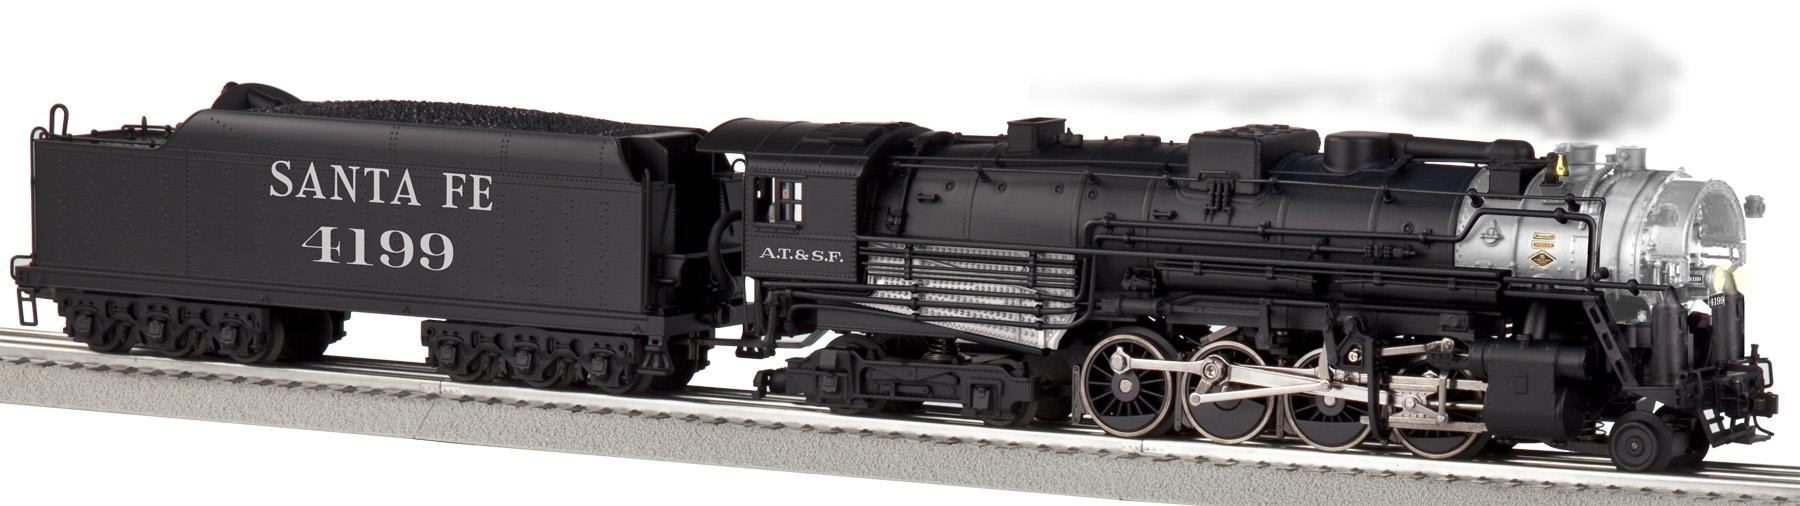 steam locomotives Lionel Trains – Lionel Train 671 Wiring-diagram